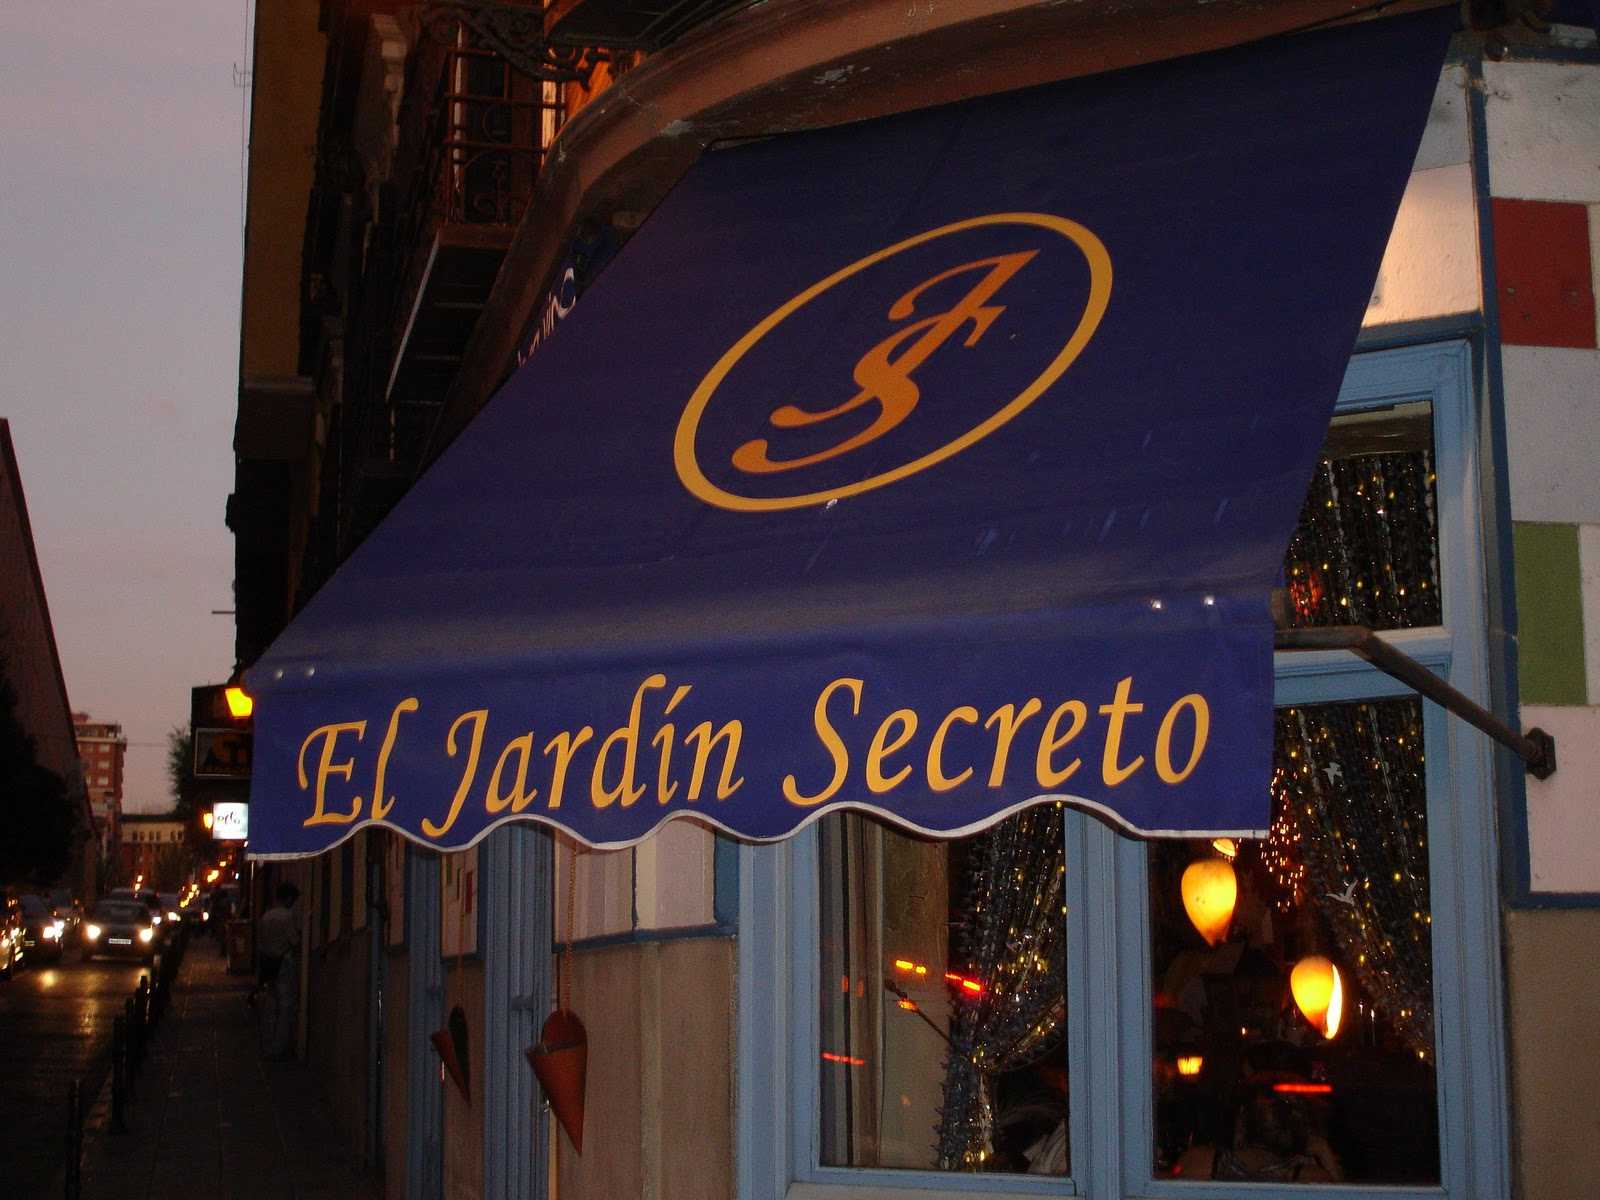 Vuelta abierta blog de viajes el jard n secreto madrid - Restaurante el jardin secreto ...